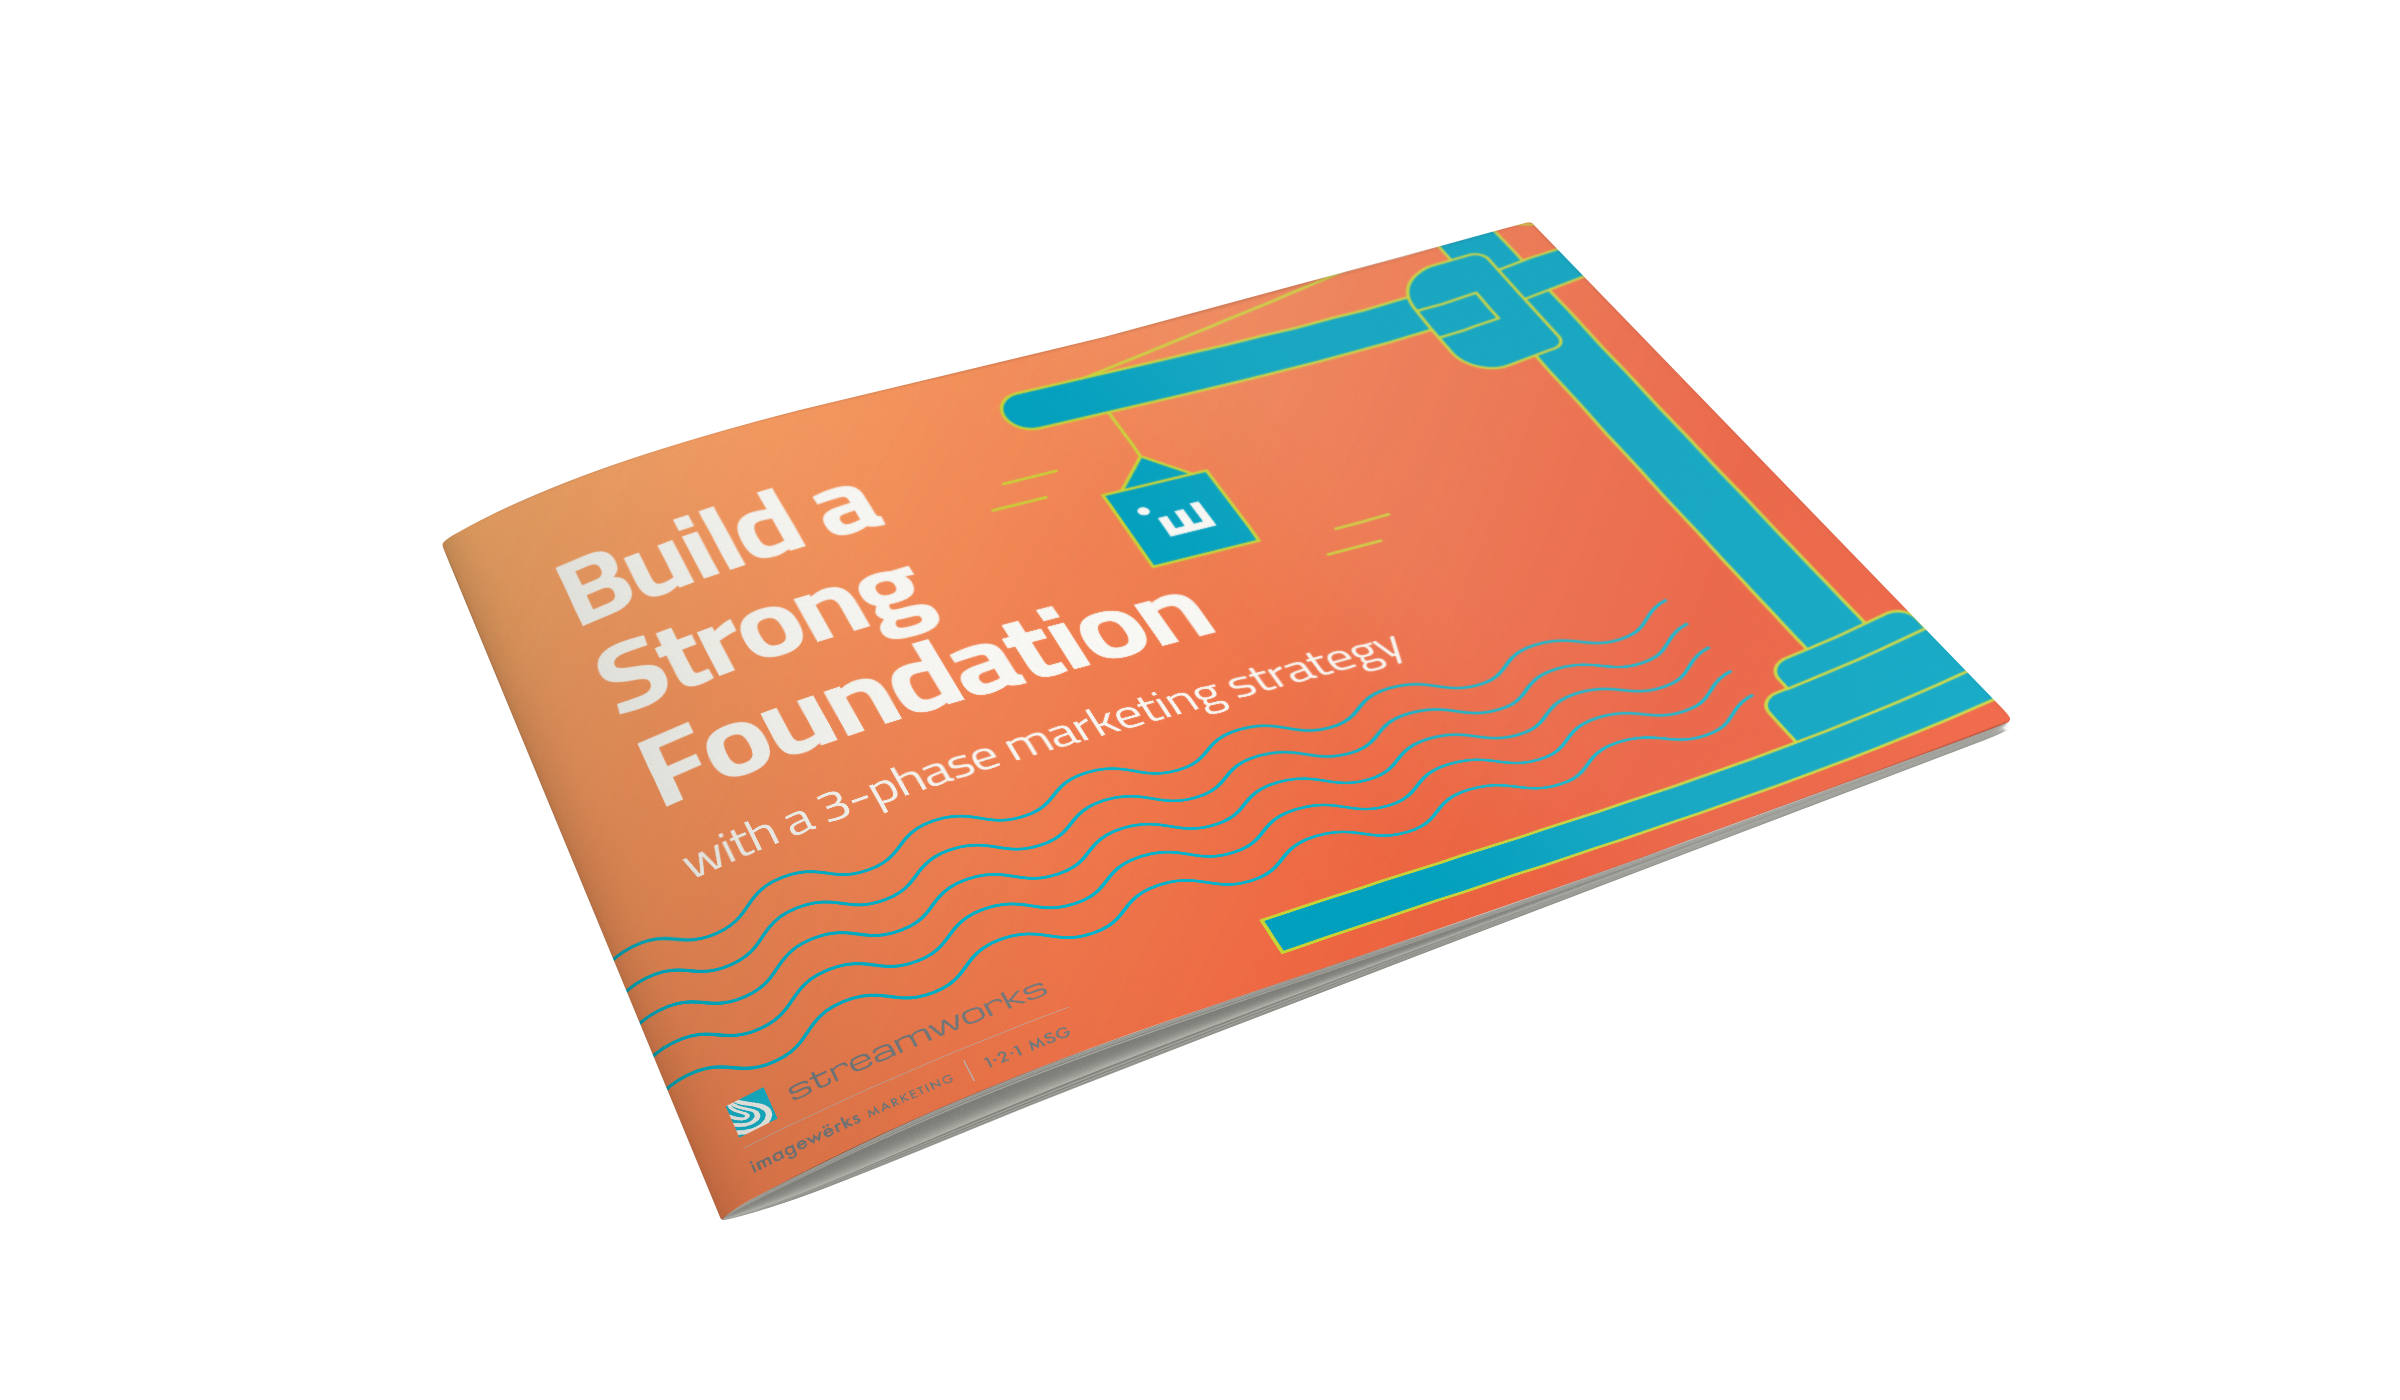 BuildaStrongFoundation_Mockup